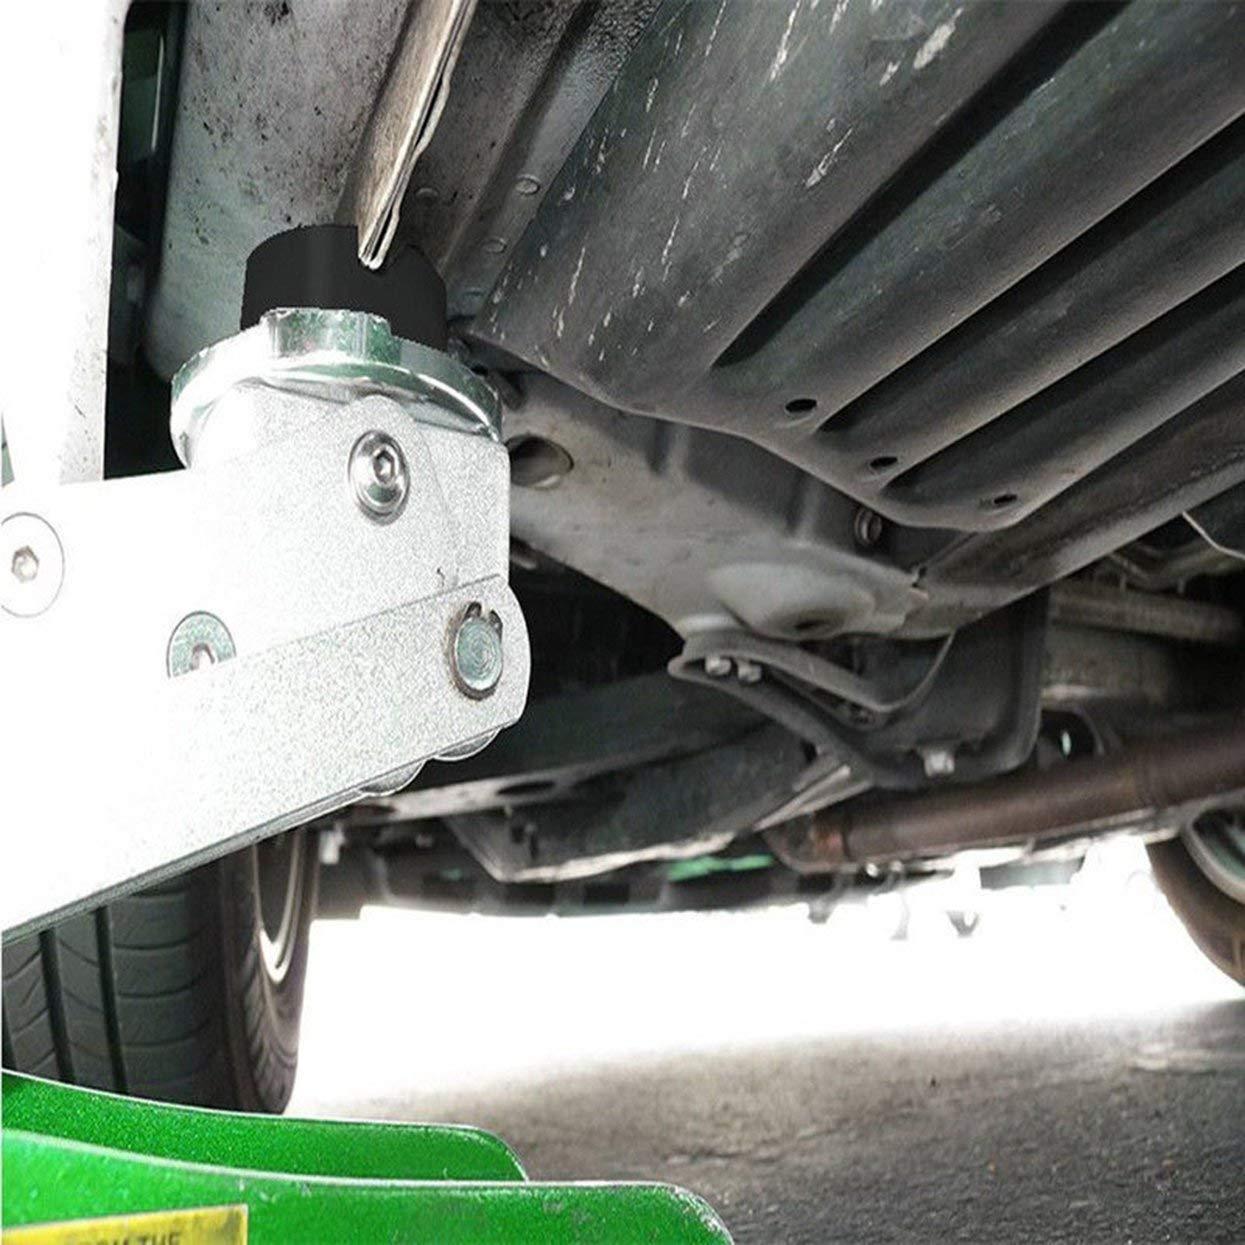 Tellaboull for 6.5CM Sollevamento Jack Pad in Gomma Telaio Durevole Protezione Dispositivo di Protezione Strumento Adattatore Auto Gomma Disc Accessori Auto